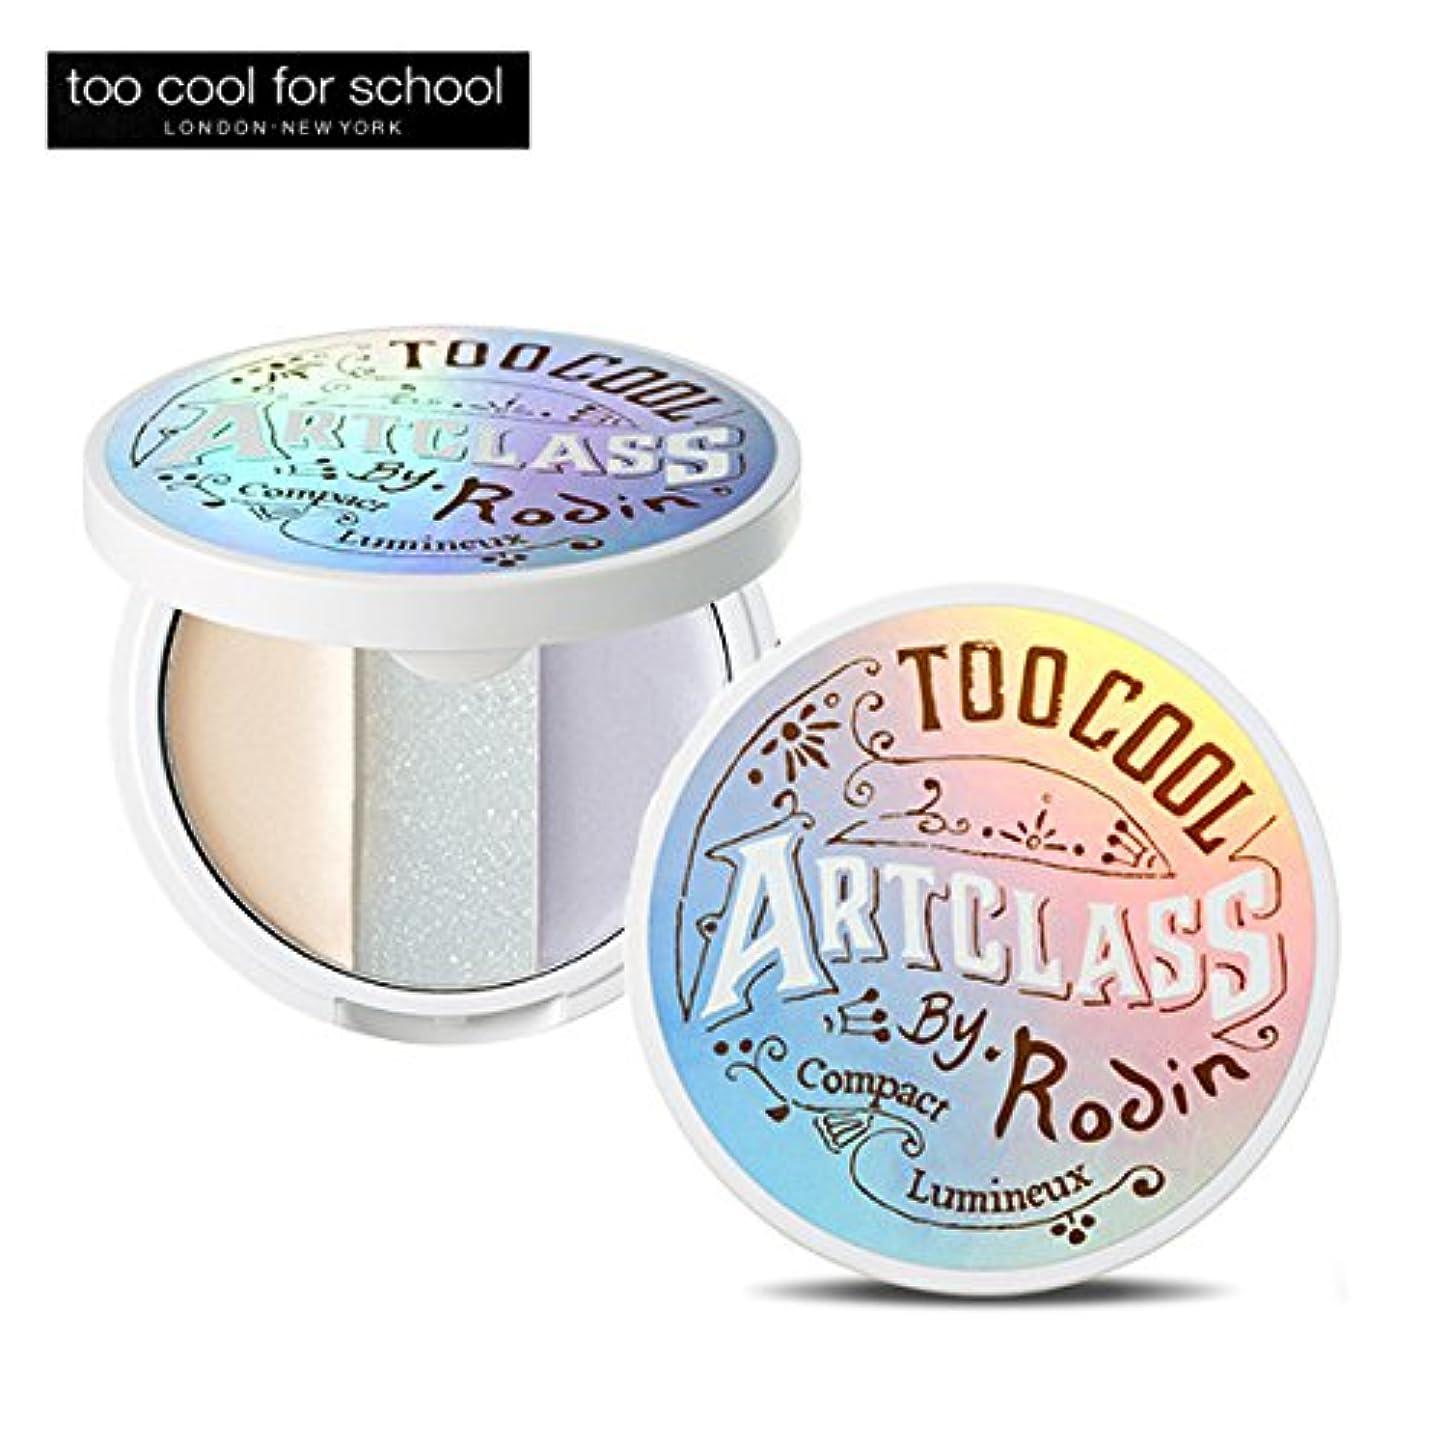 部族牛どこでもtoo cool for school(トゥークールフォースクール) アートクラス バイロデン ルミナスバーニッシュ(Art Class By Rodin Lumineuse Varnish)7g